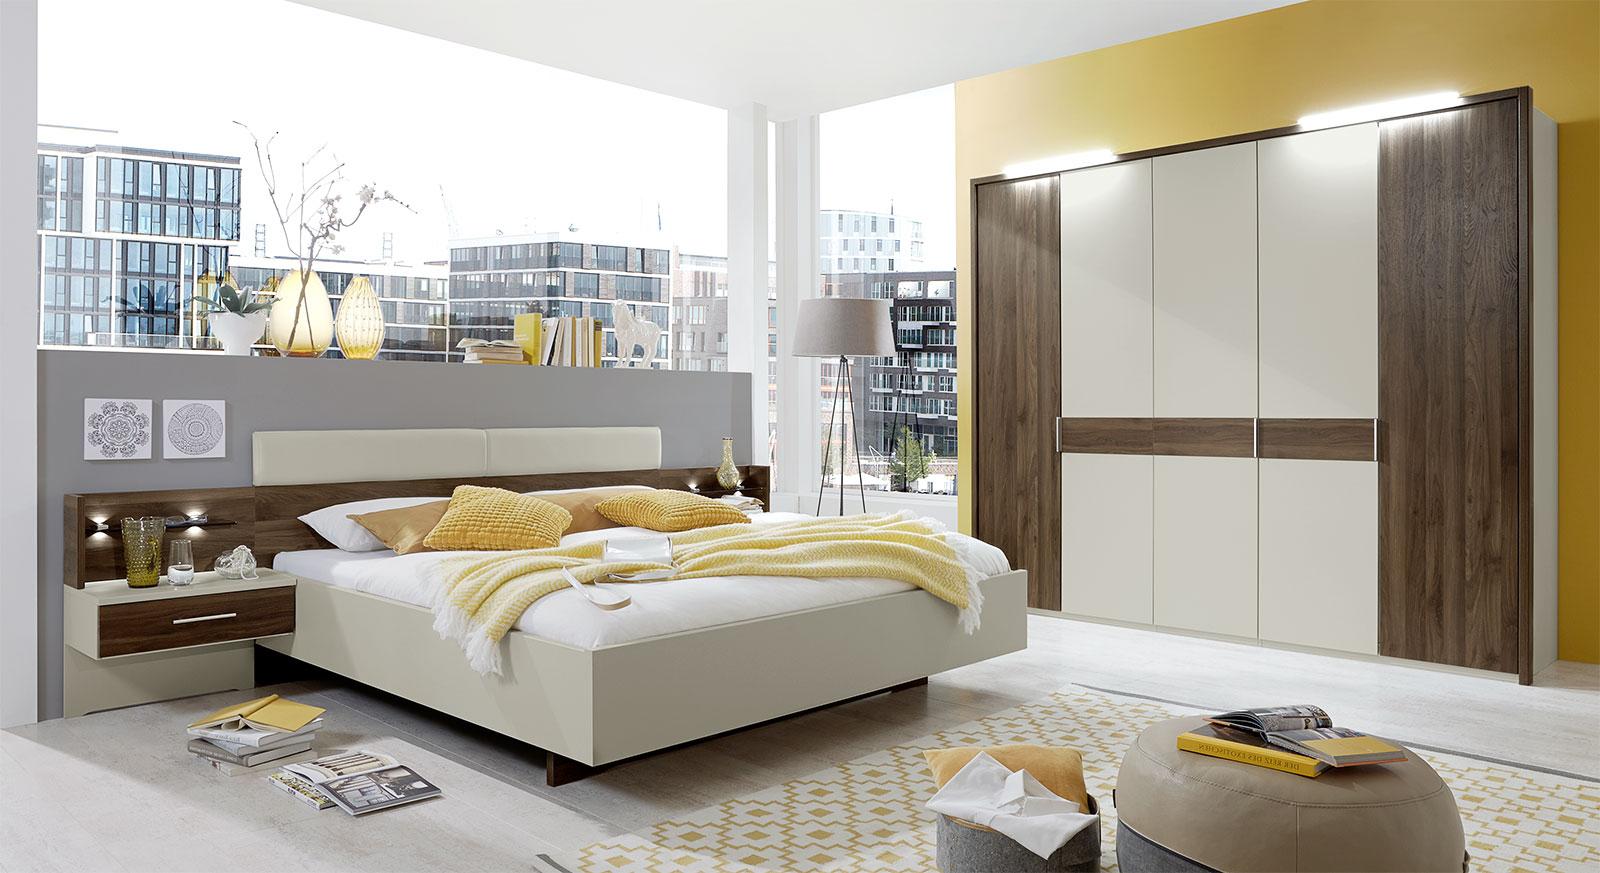 Hochwertiges Komplett-Schlafzimmer Lucea